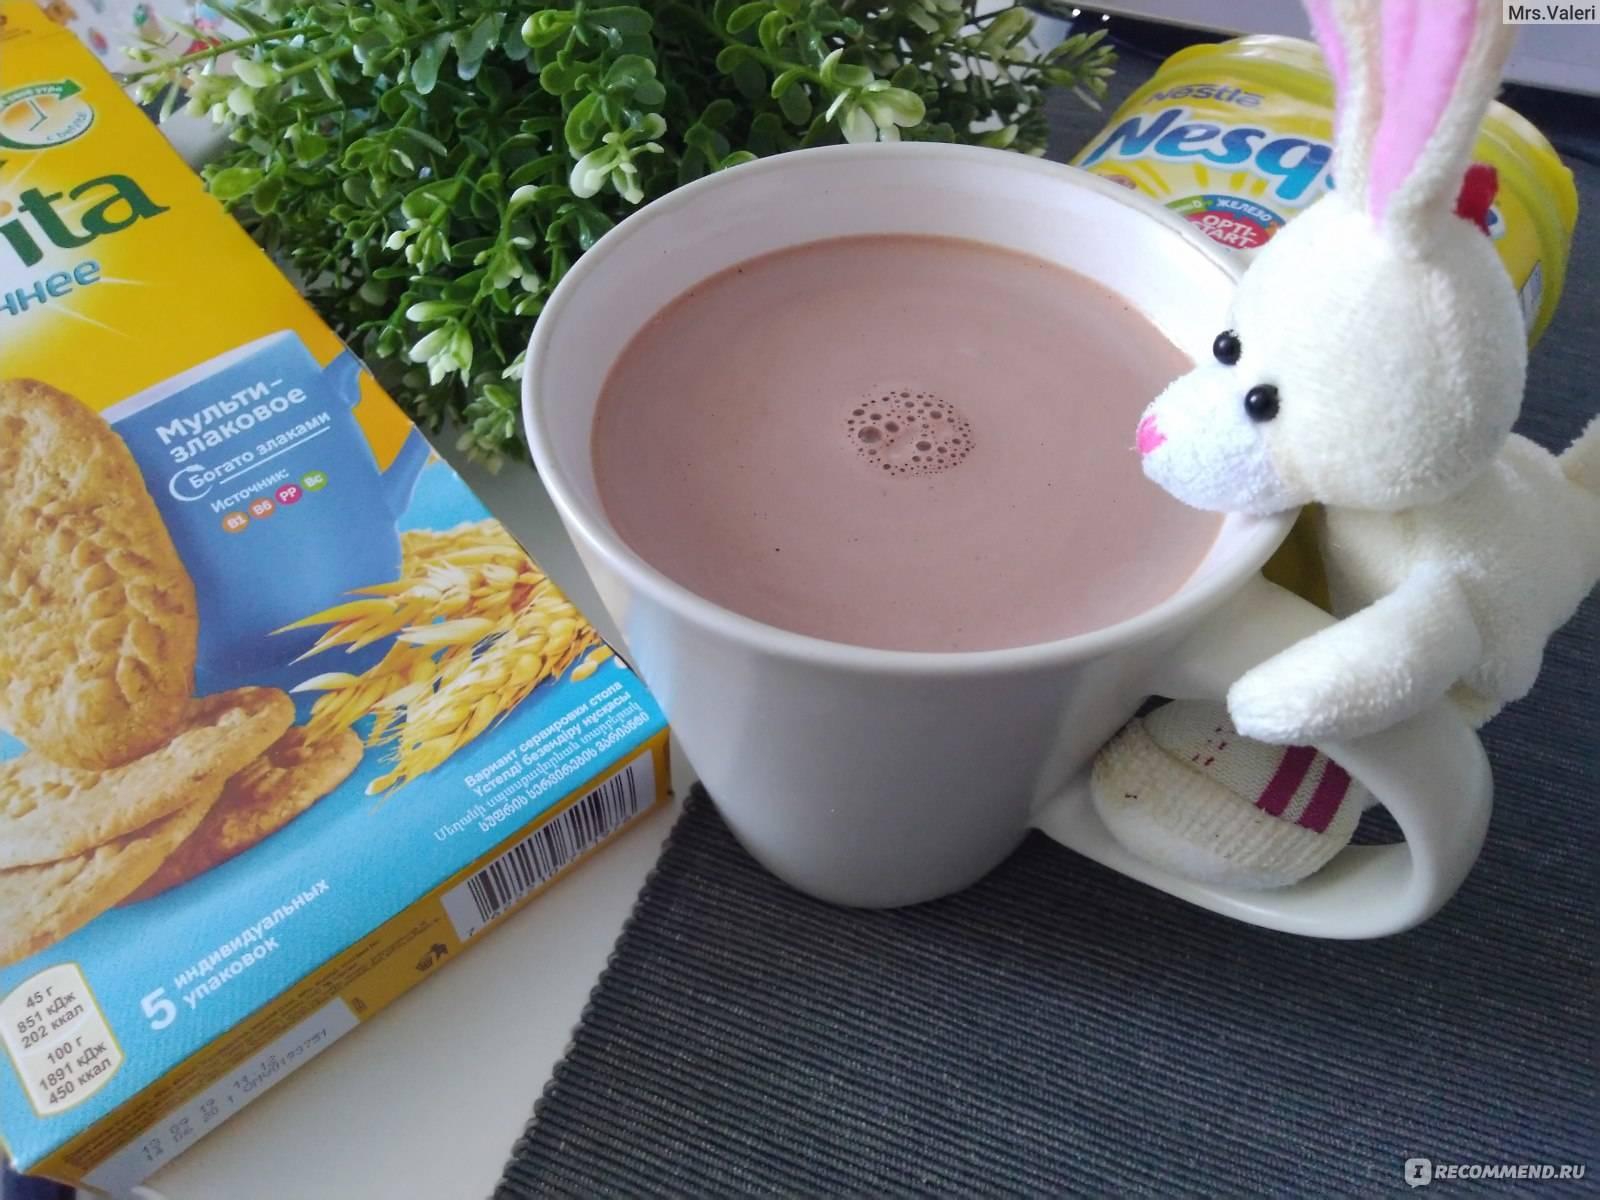 Какао при грудном вскармливании: можно ли употреблять этот напиток, в чем его польза и вред для мамы и малыша?